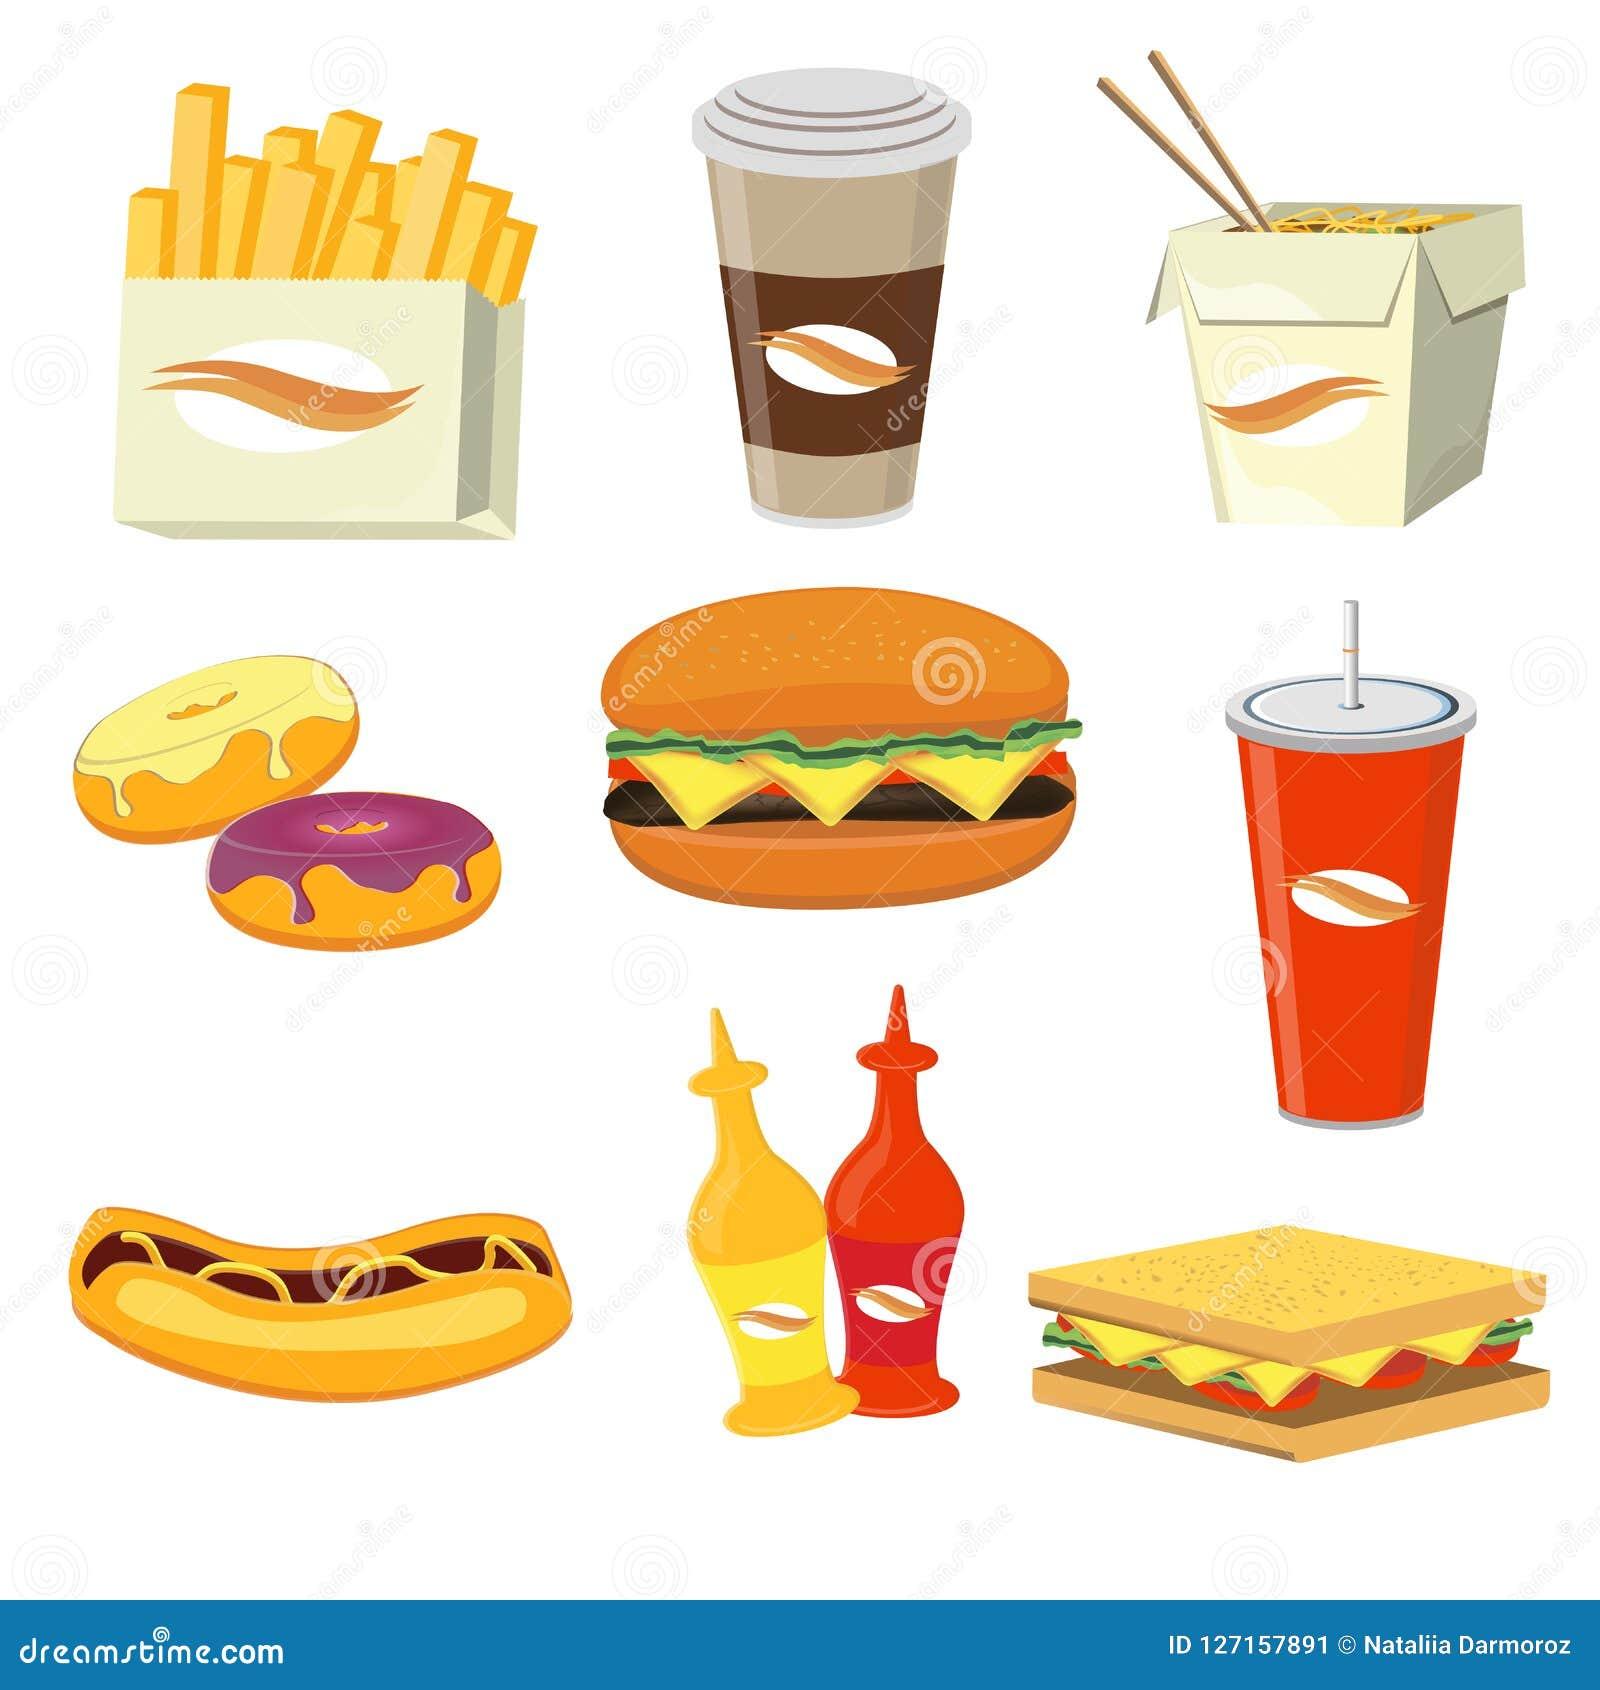 food drinks fast menu icons cartoon meals flat